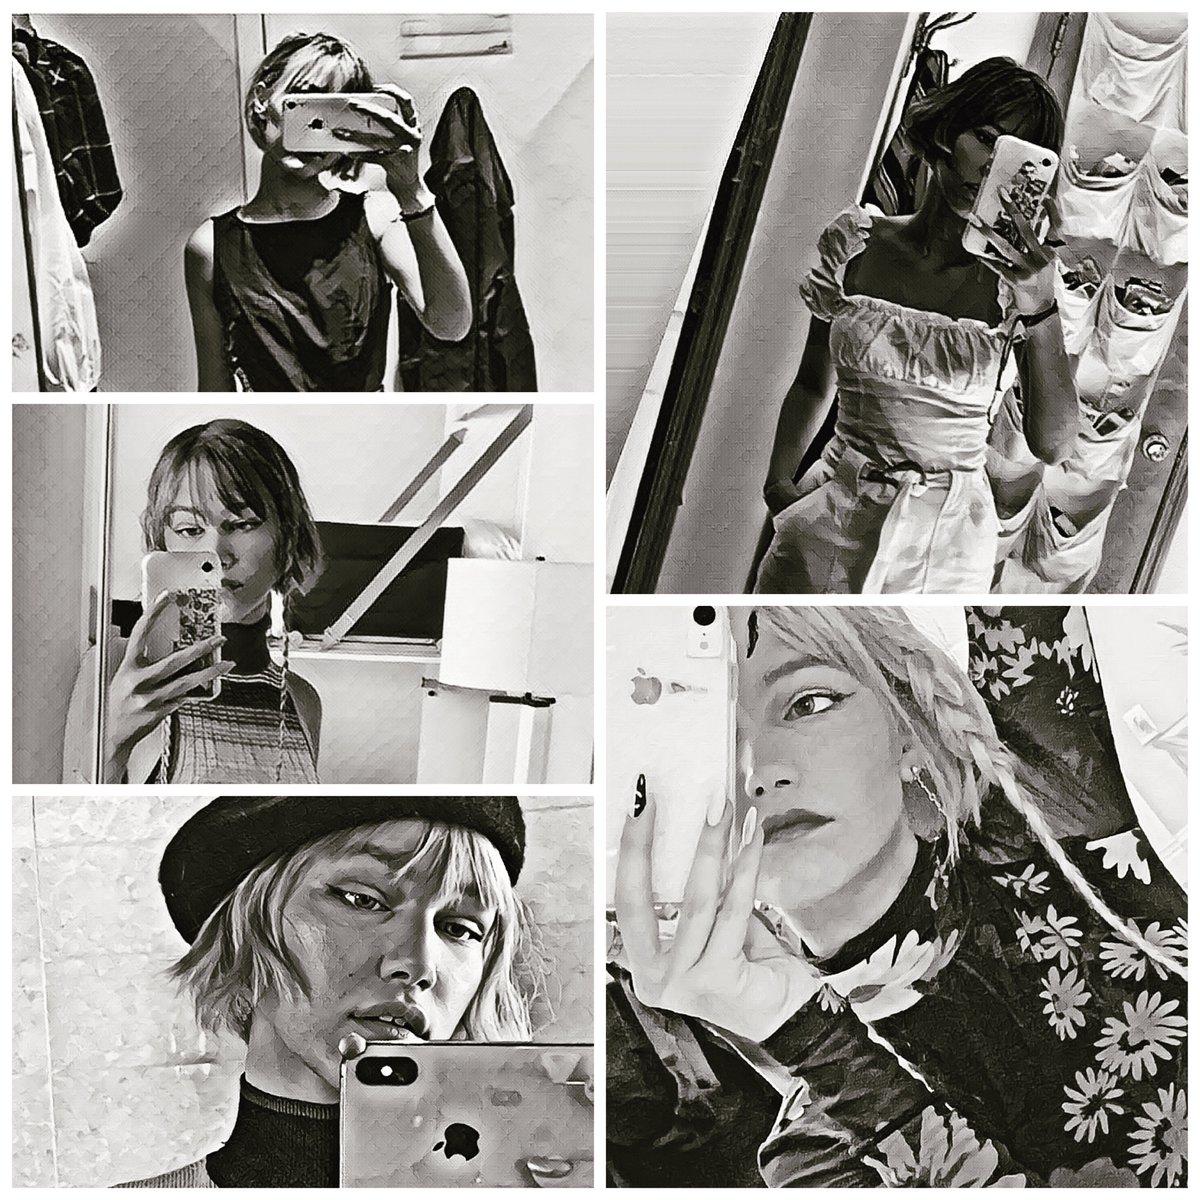 RT @MThwippy: Selfie! 📸 Been a minute since my last edit! #GraceVanderwaal #Fanderwaal #Art #Edits https://t.co/efIRn9jF2v